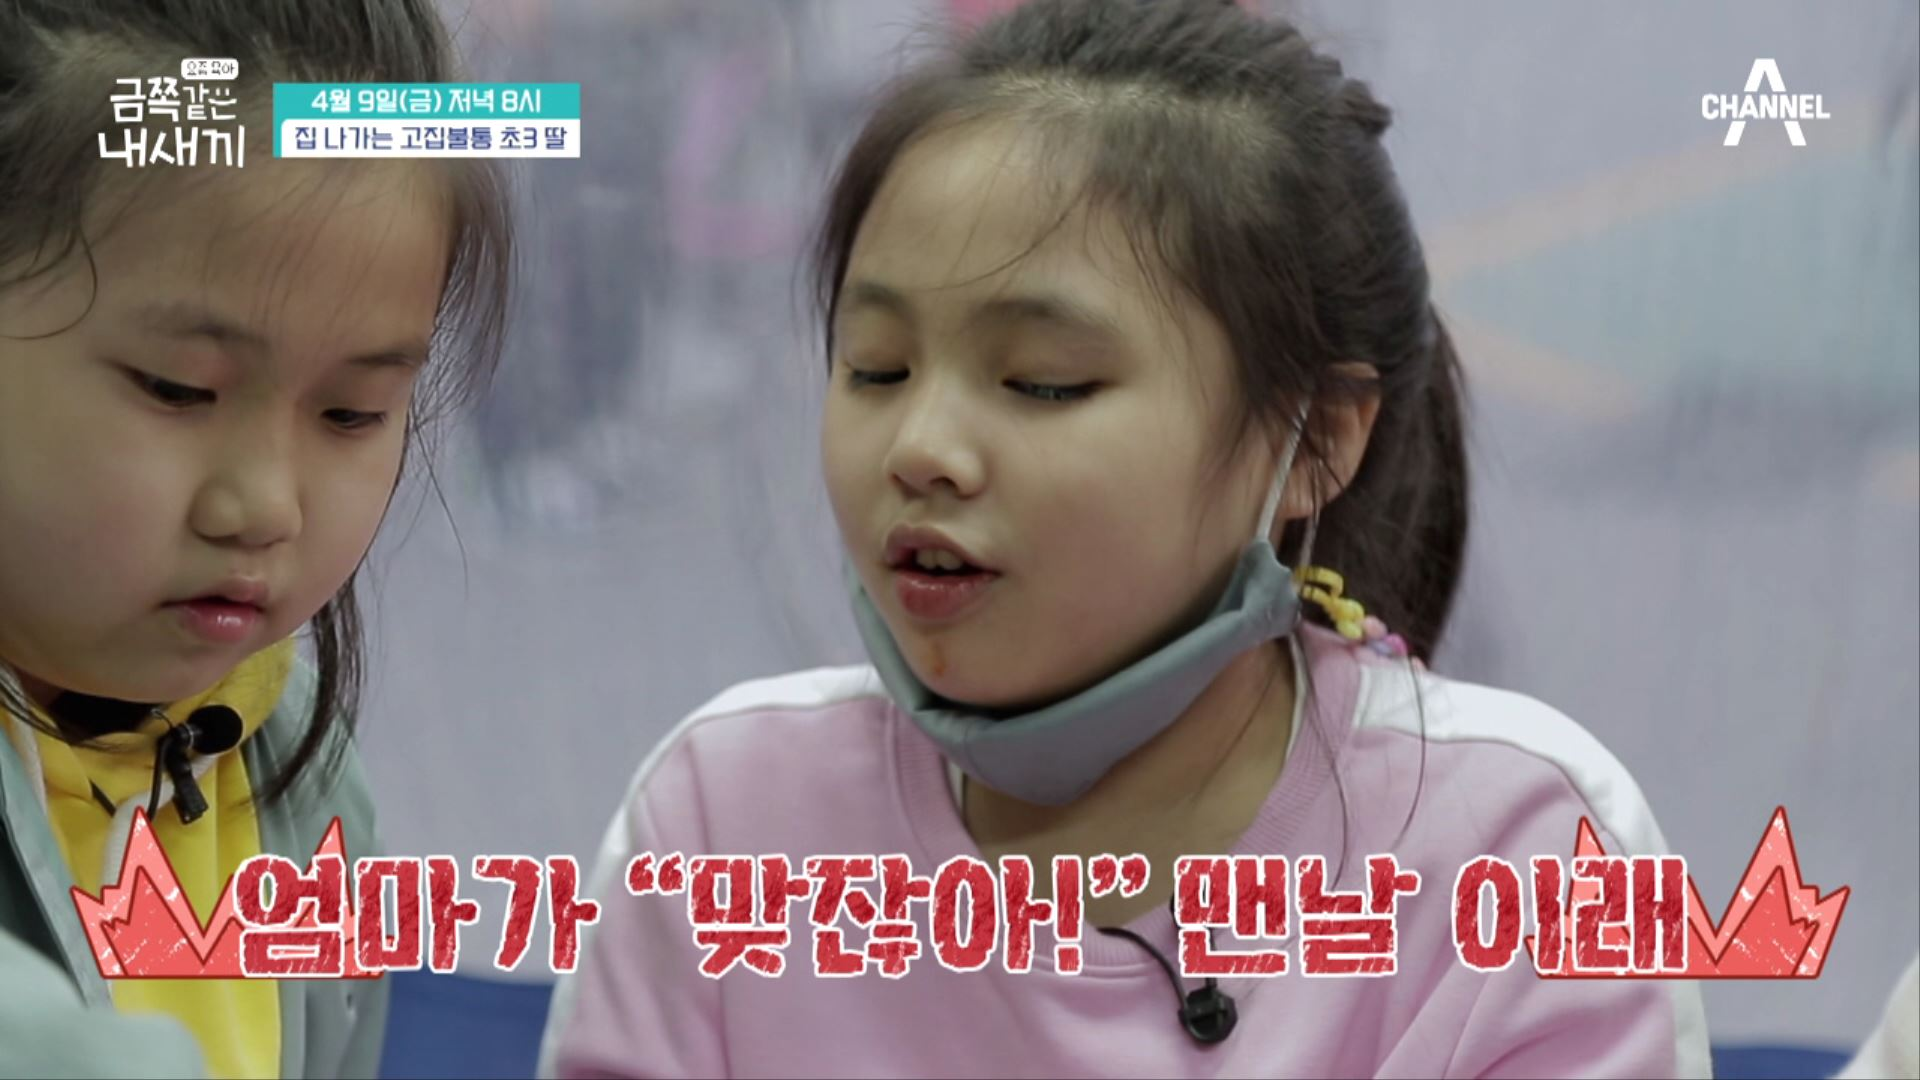 [선공개] 10살 금쪽이의 가출!? 금쪽이도 느끼고 있....